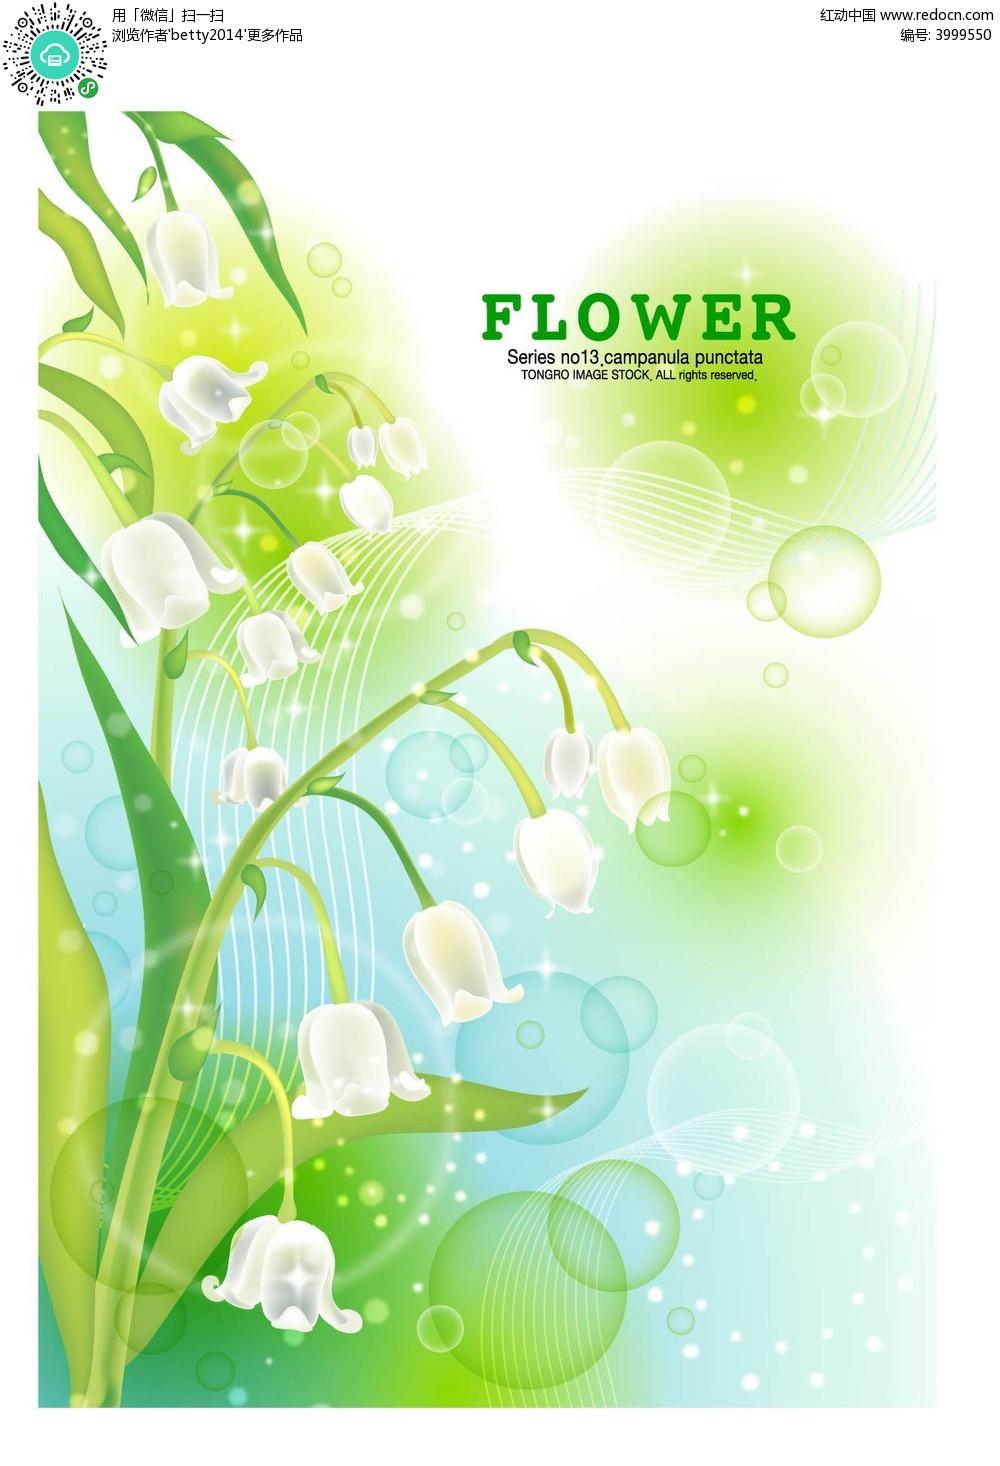 鲜花绿叶边框花纹矢量素材